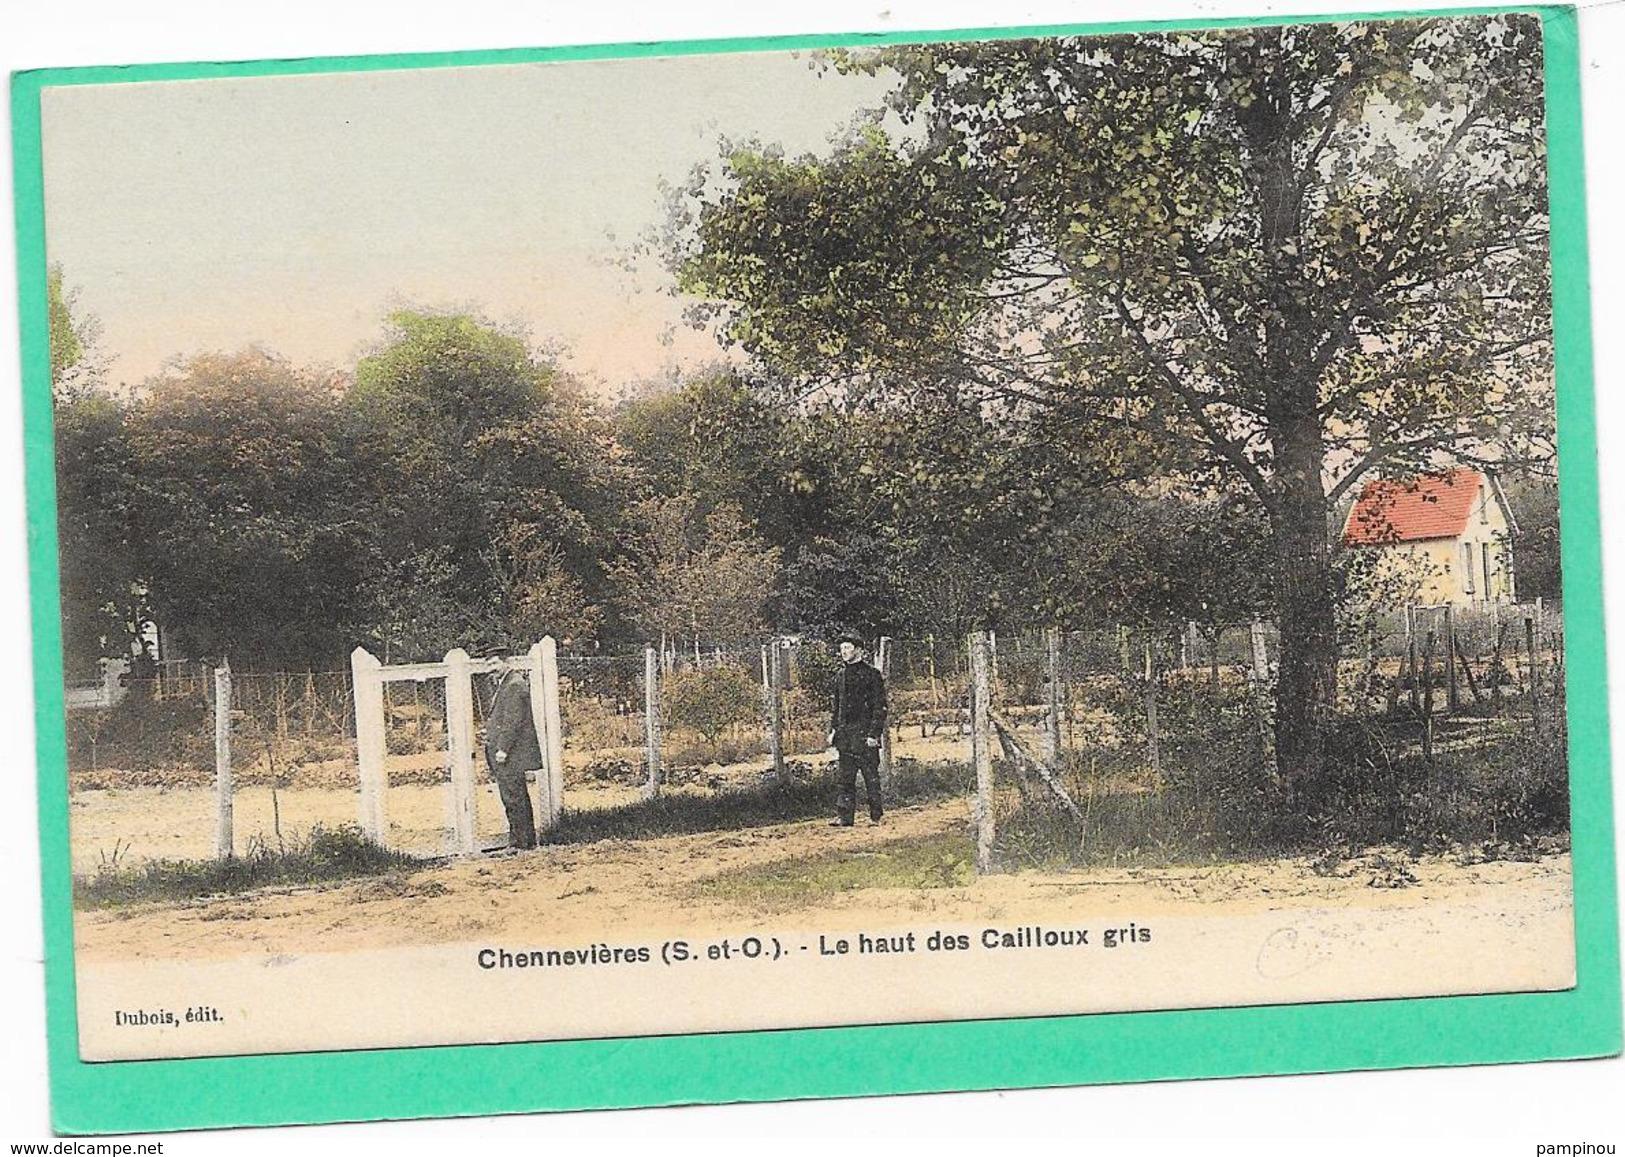 78 CONFLANS - CHENNEVIERES - Le Haut Des Cailloux Gris - Animée - Conflans Saint Honorine